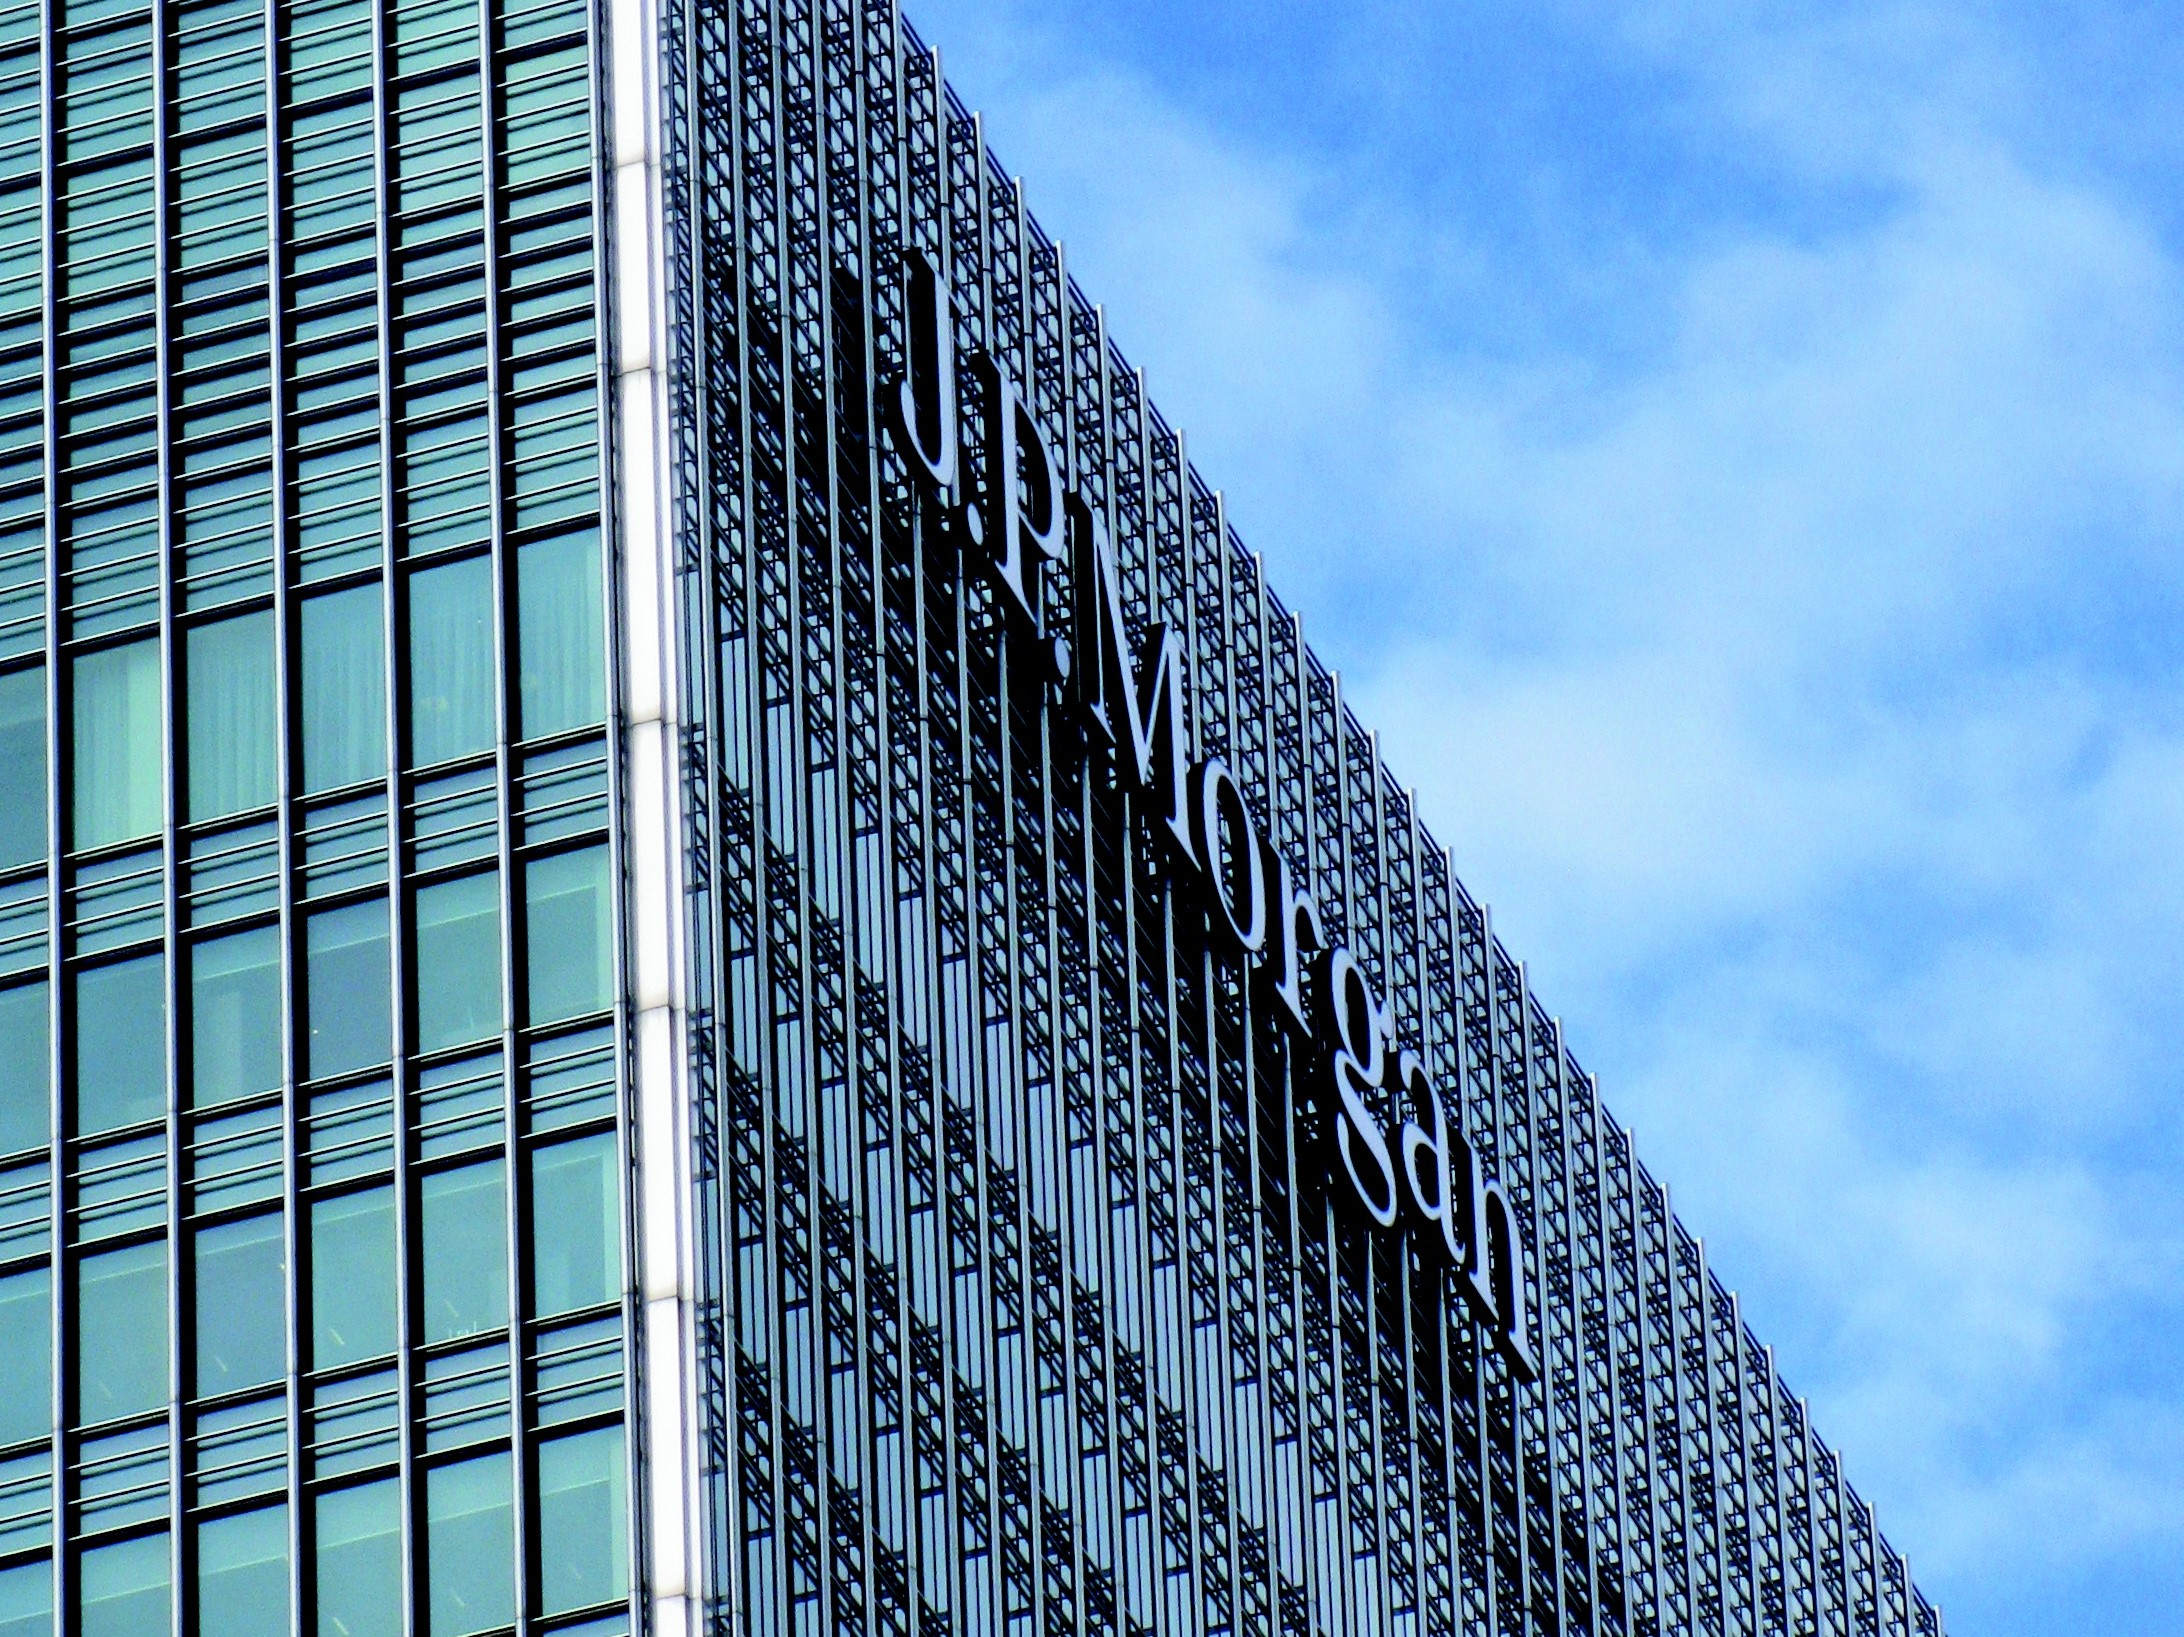 JPMorgan: Loan-Loss Reserve Buildup Portends Future Earnings Growth (NYSE:JPM)